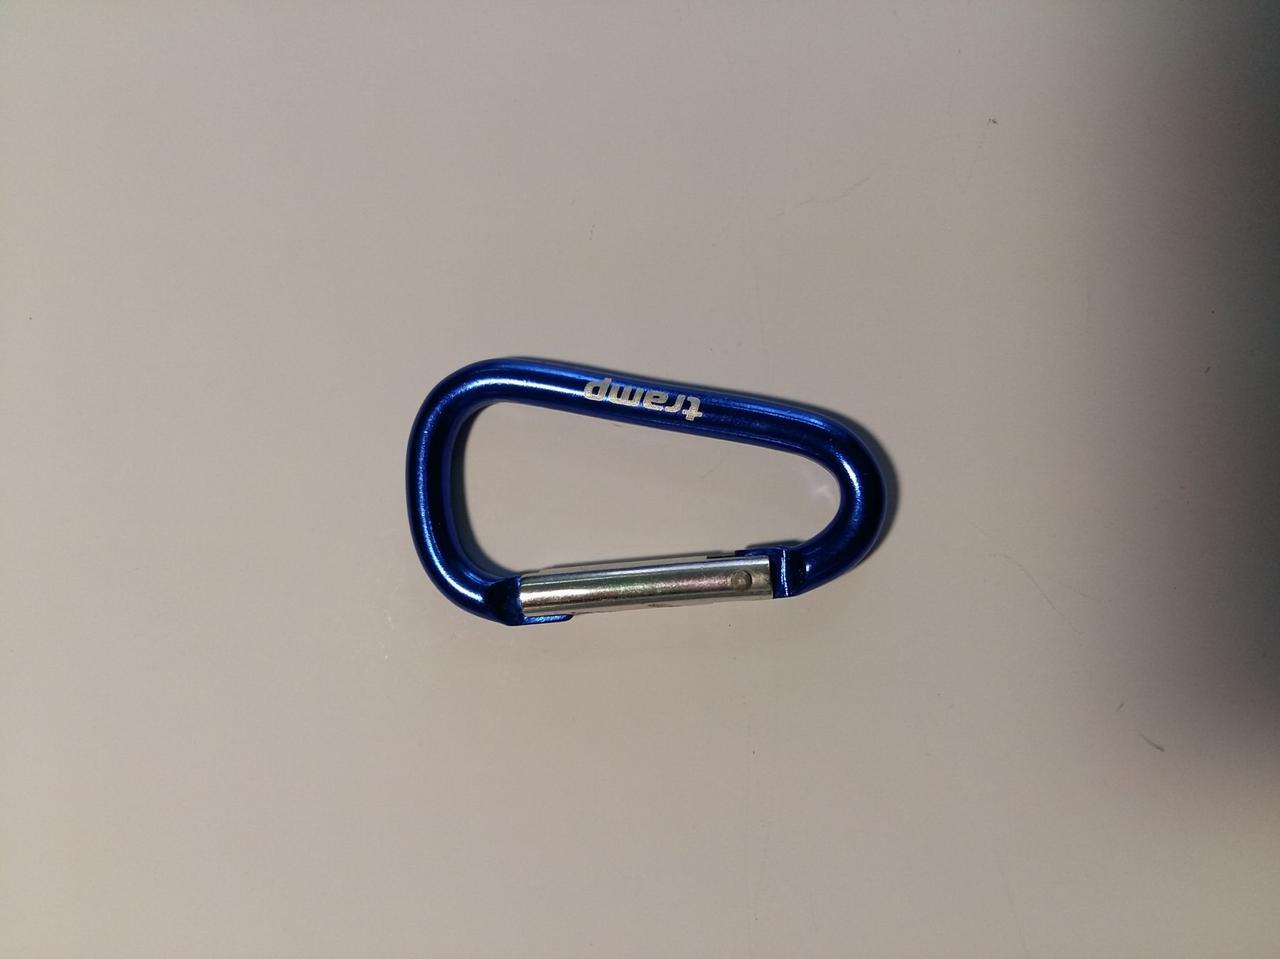 Карабин Tramp алюминиевый, размер 5 см, без муфты, голубой арт.TRA-058